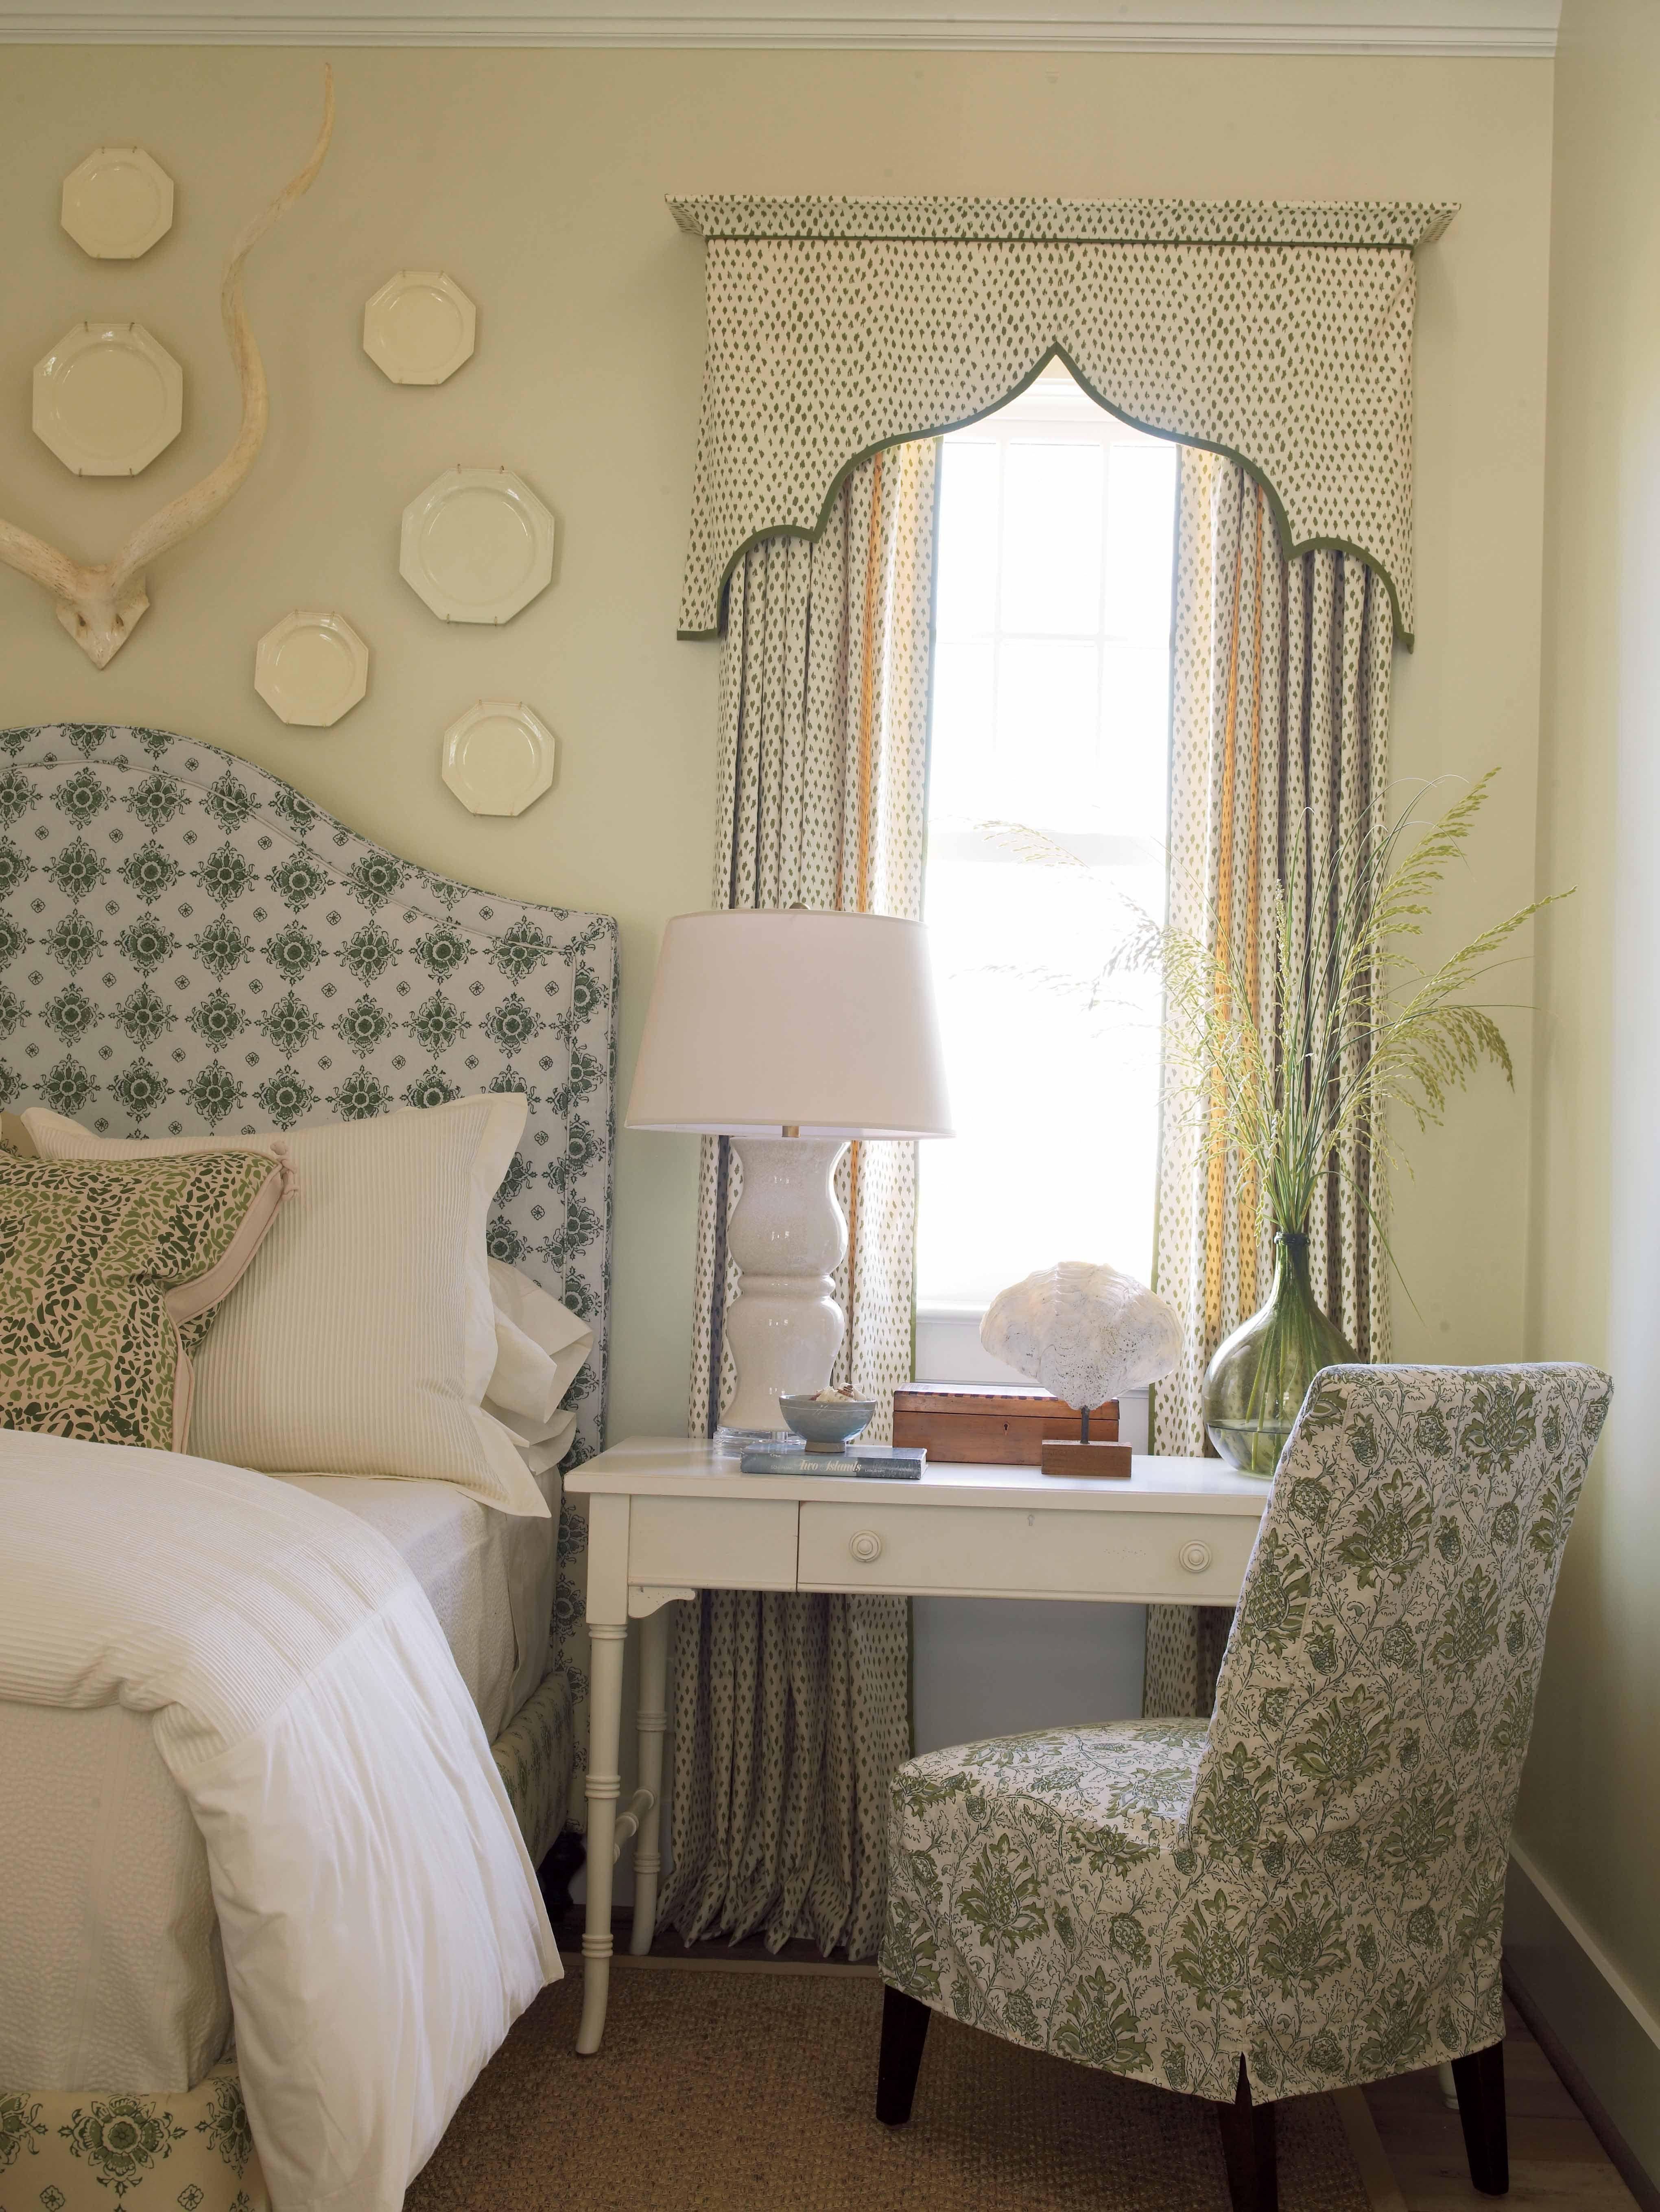 phoebe howard fensterdekorationen pinterest. Black Bedroom Furniture Sets. Home Design Ideas